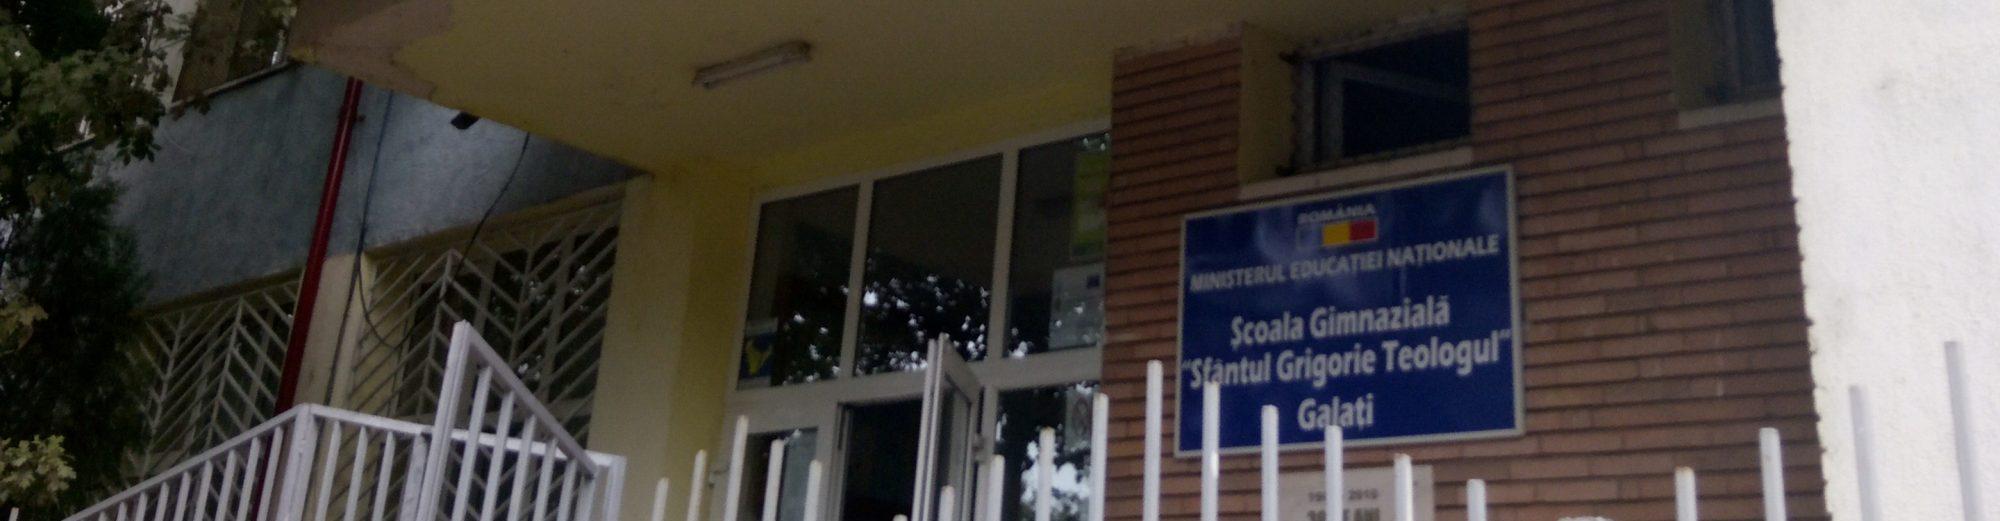 """Școala Gimnazială """"Sfântul Grigorie Teologul"""" Galați"""